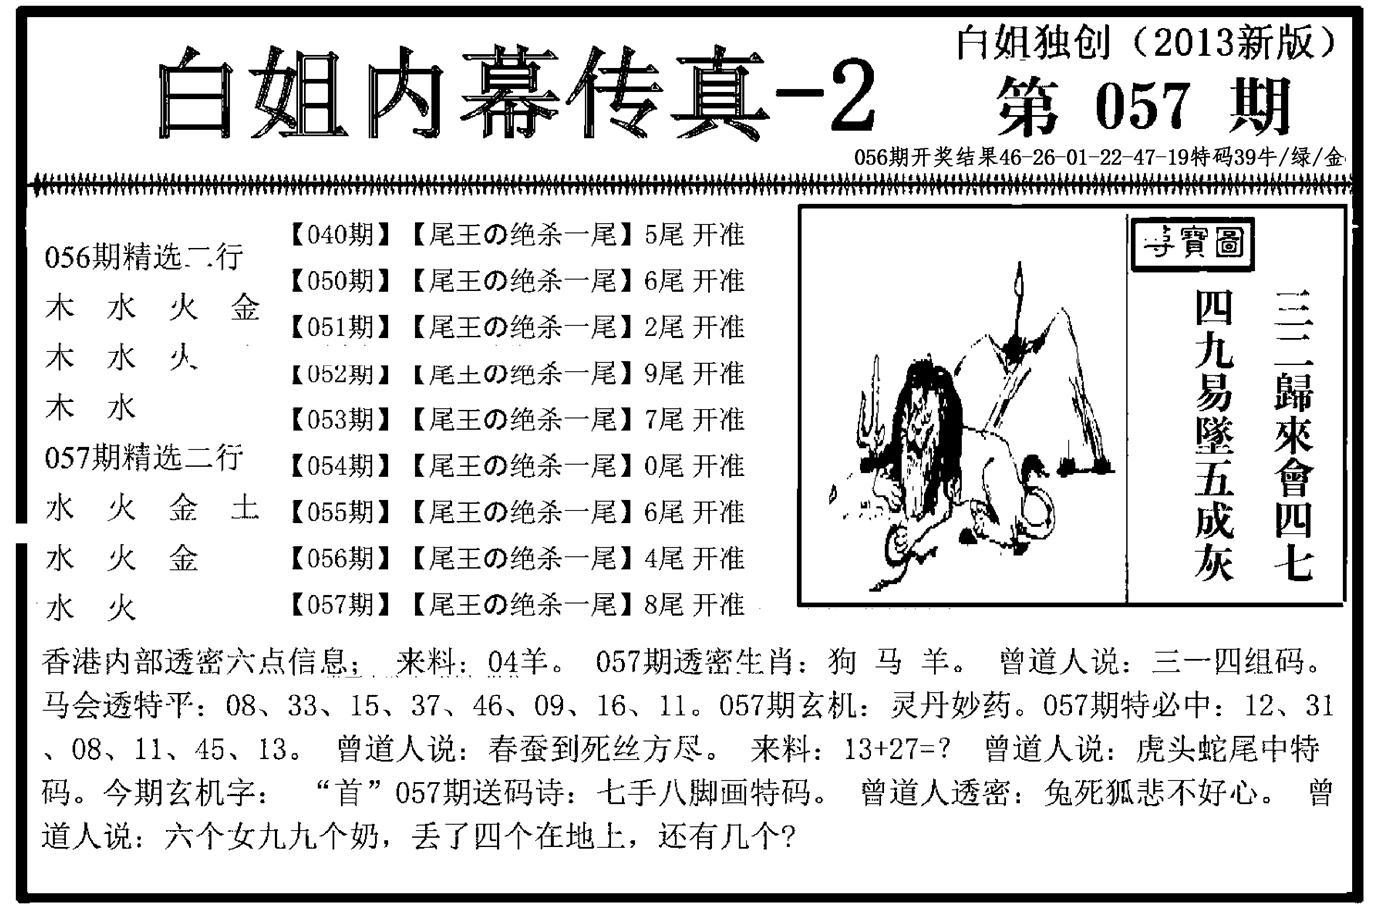 057期白姐内幕传真-2(黑白)